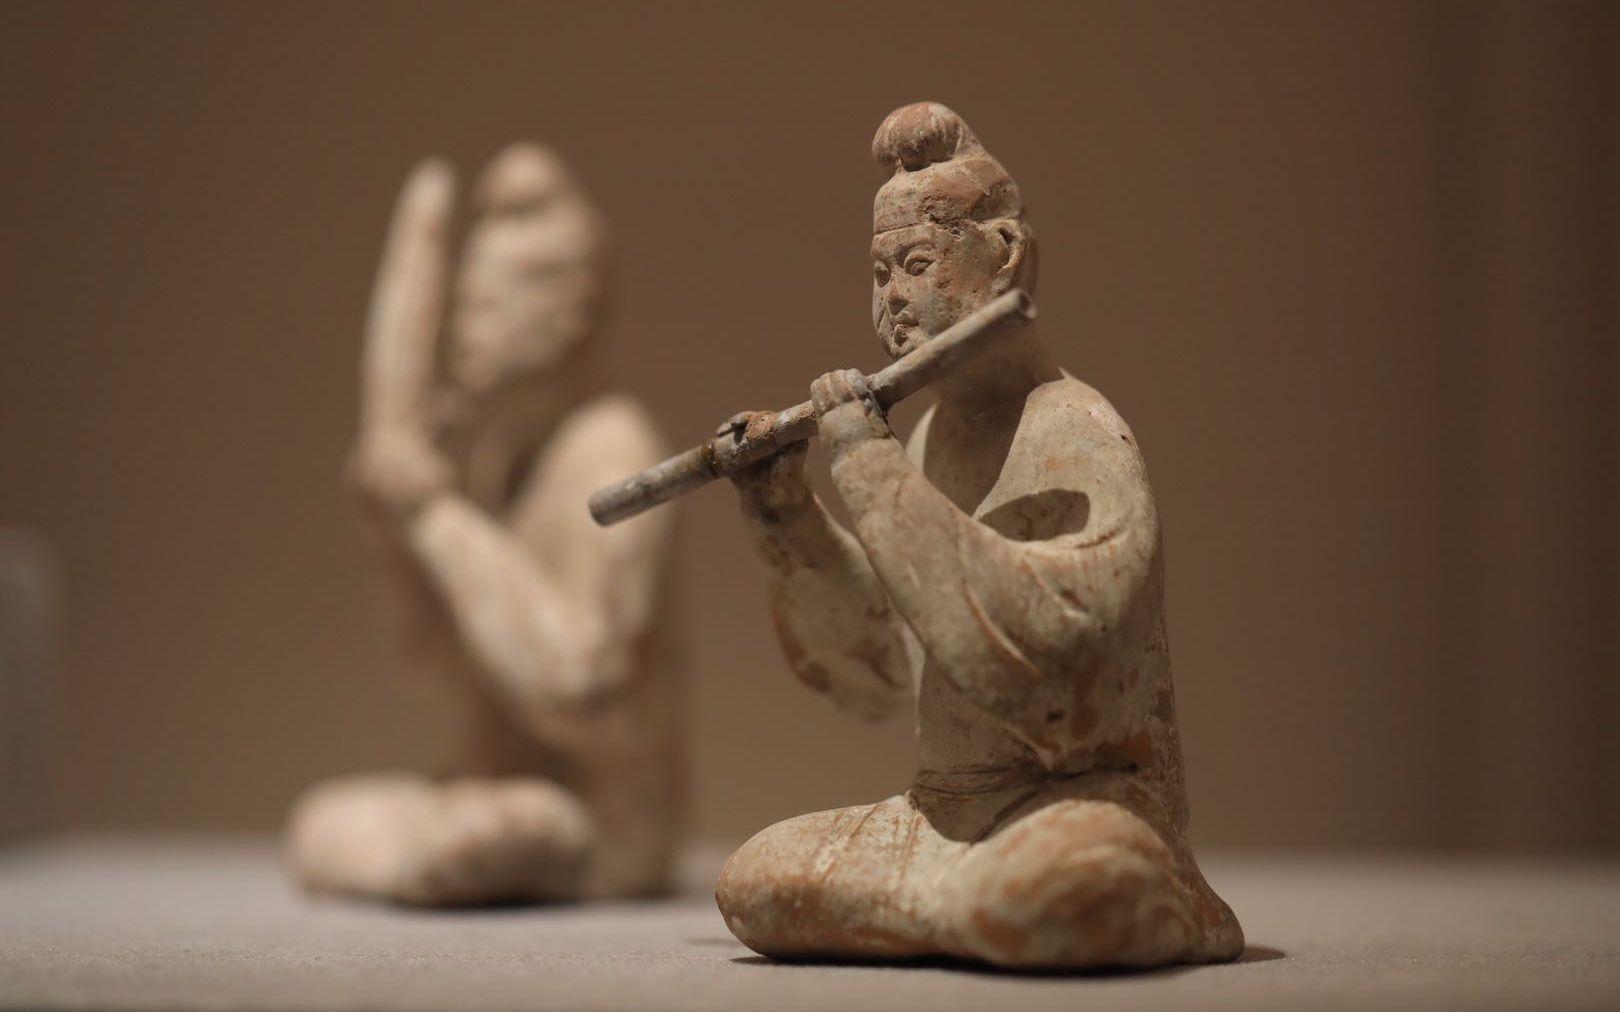 聆听上古之音 国博古乐器大展讲述八千年中华音乐史